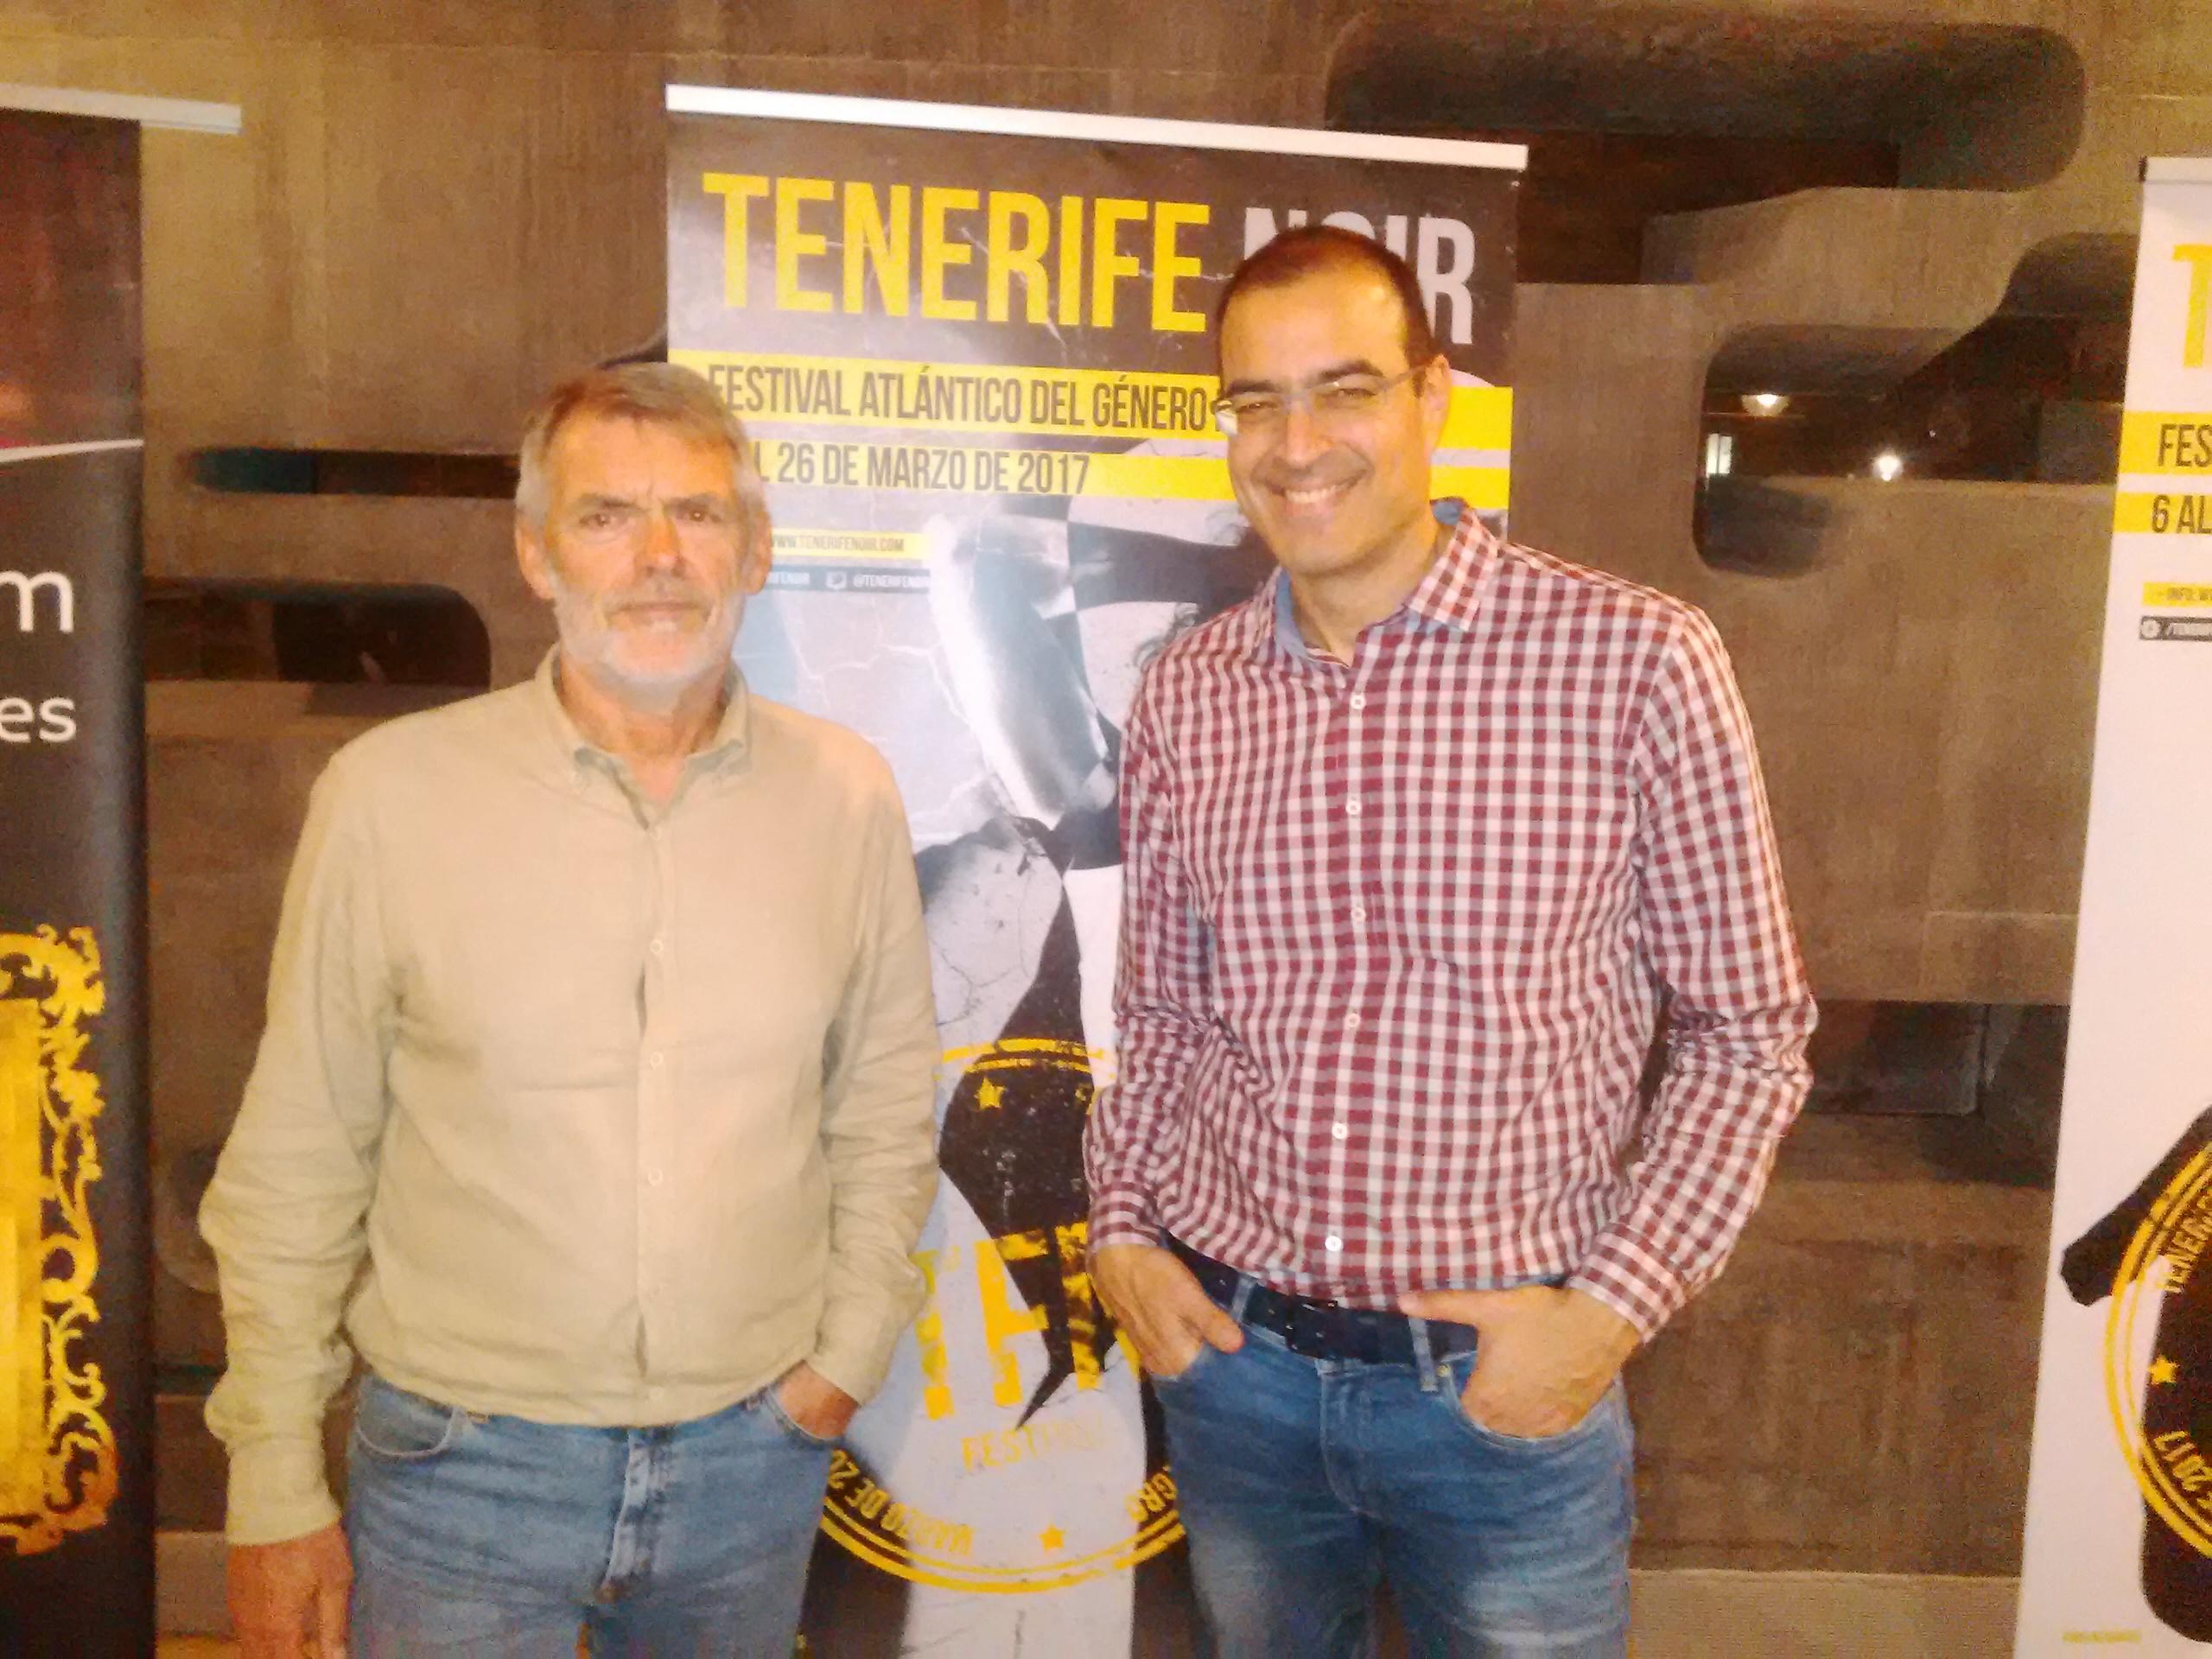 Tenerife noir 2017